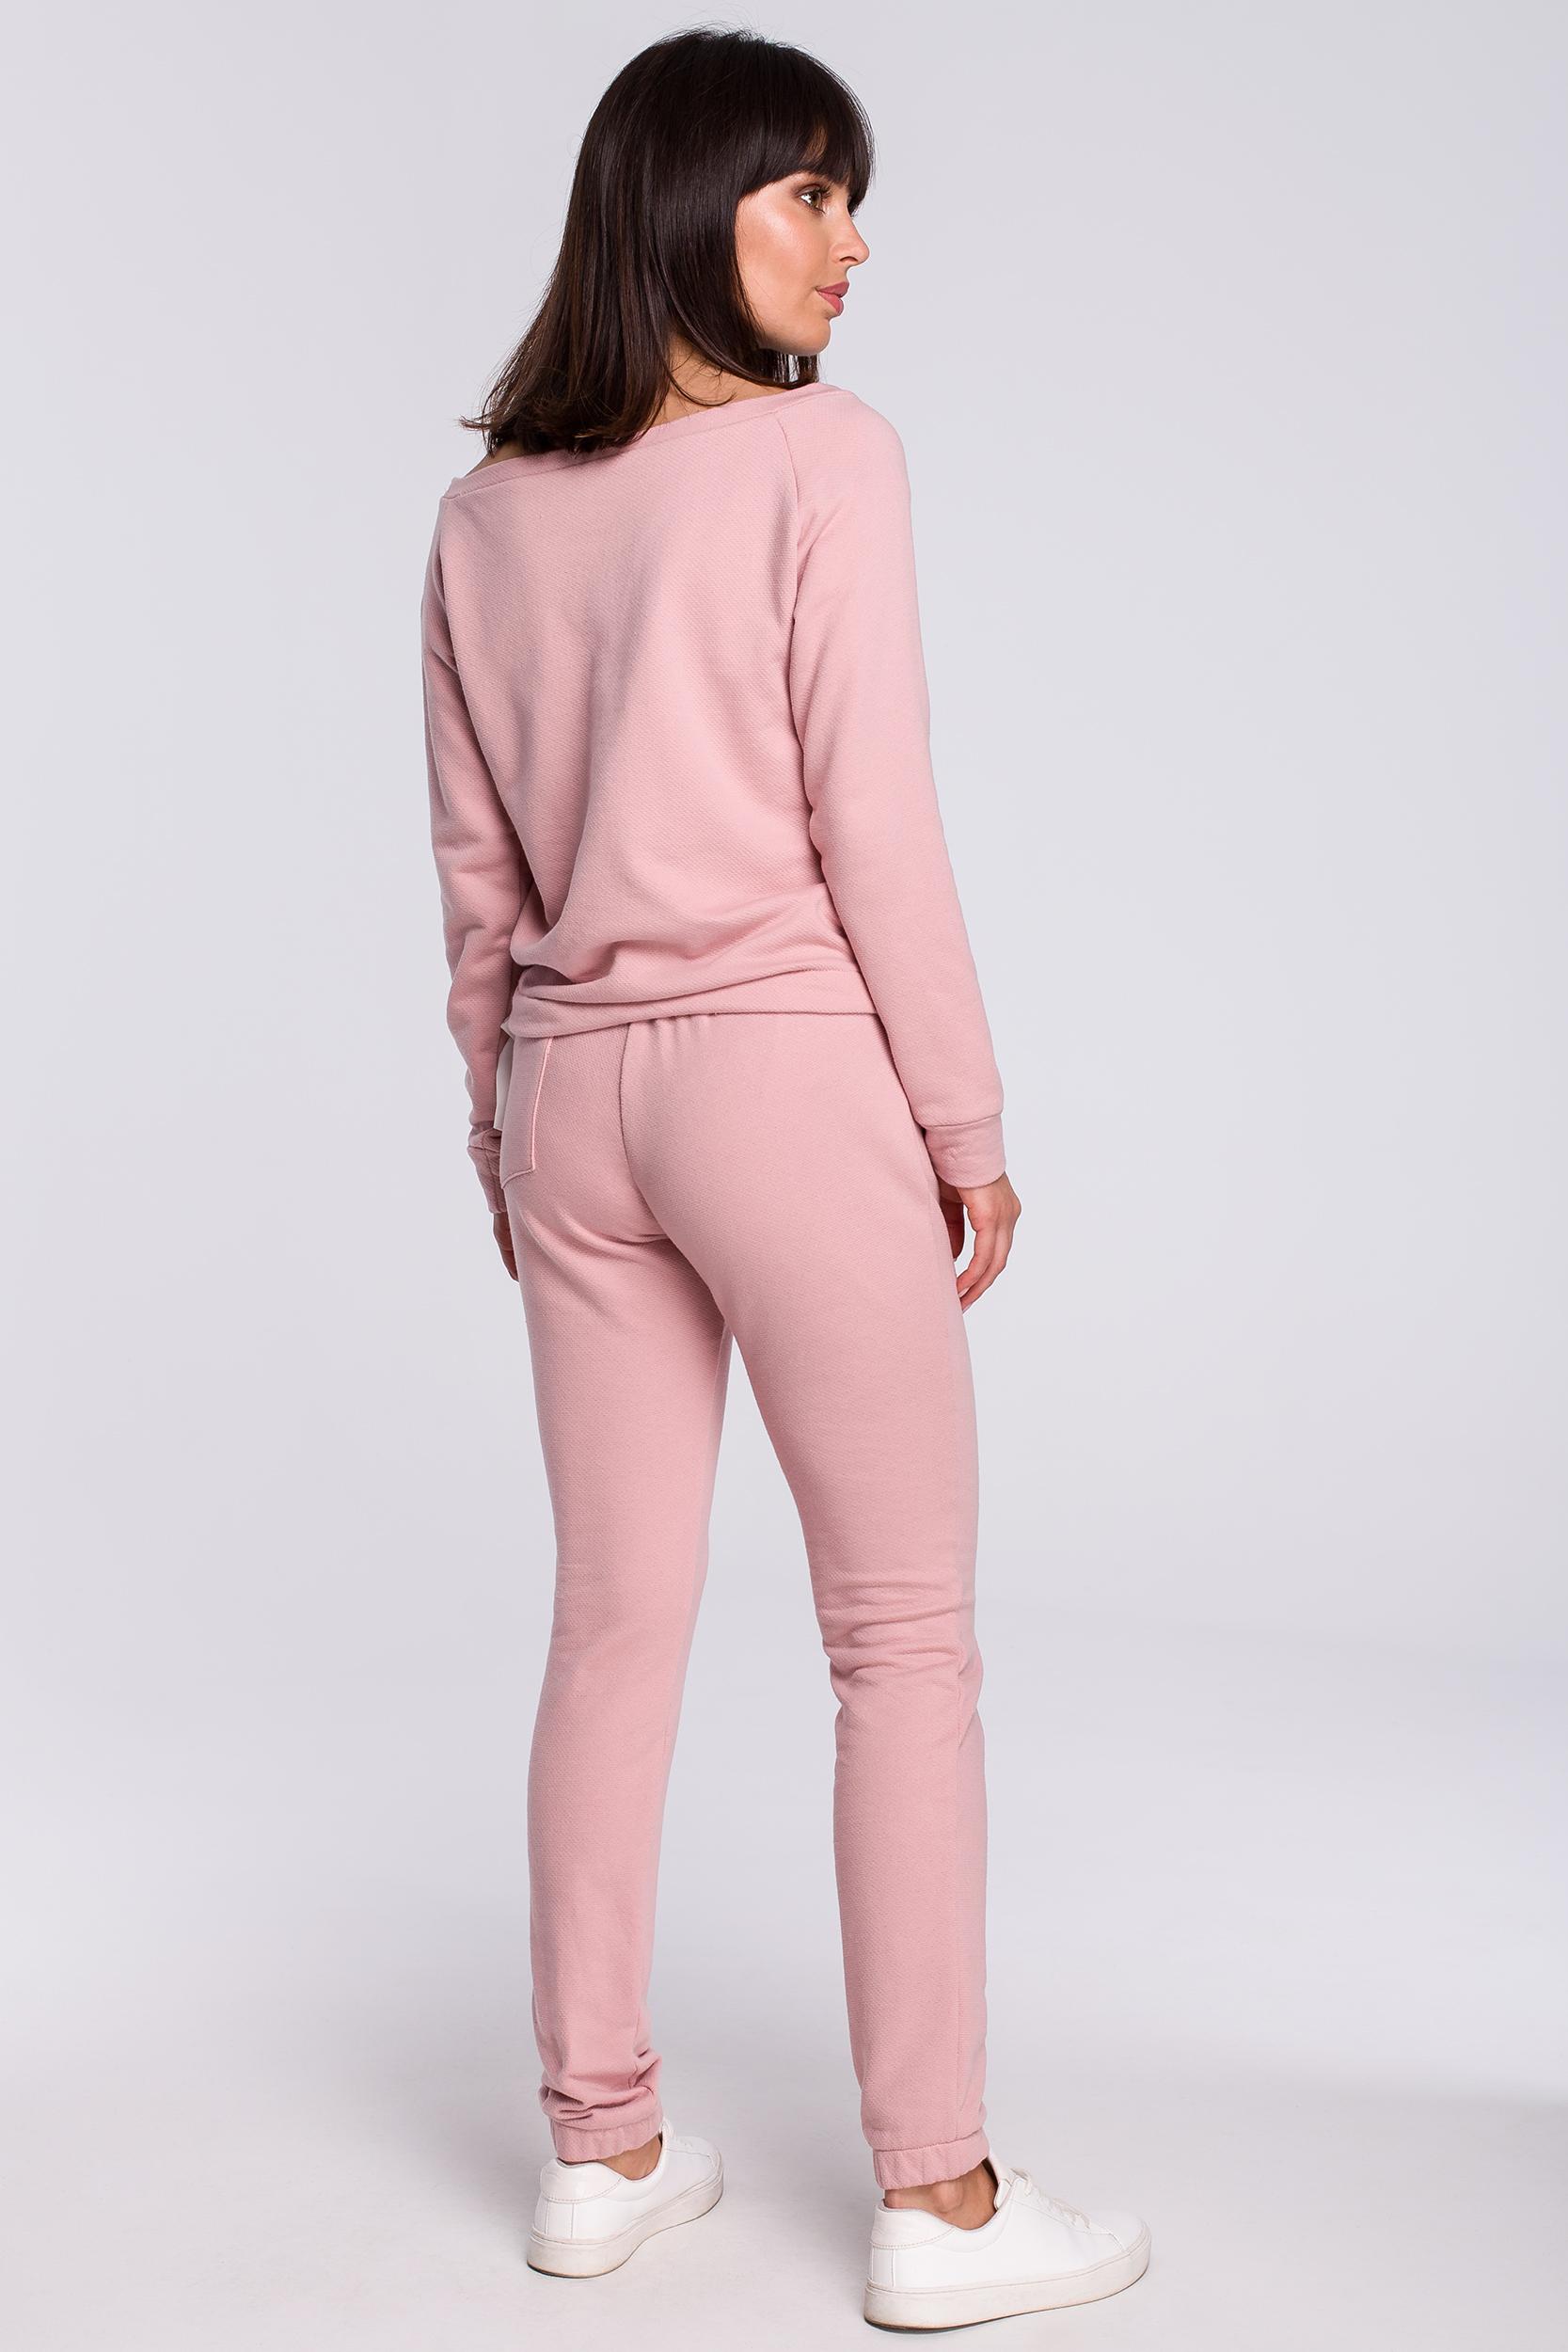 CM4121 Spodnie joggery - pudrowe